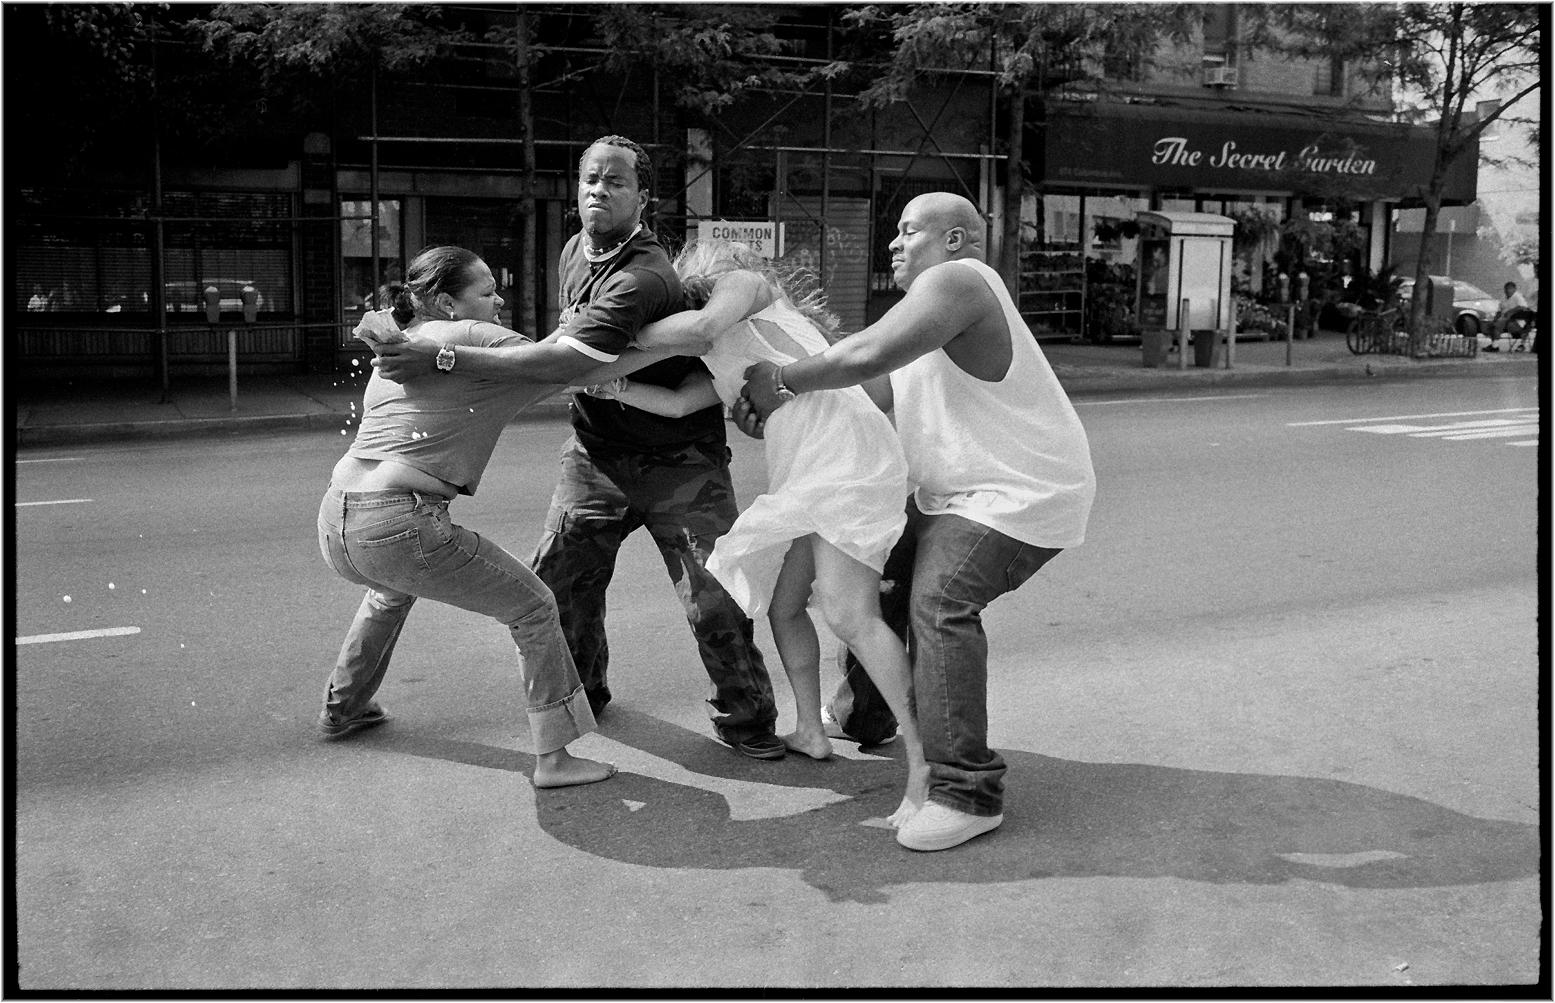 vs women fight Black white